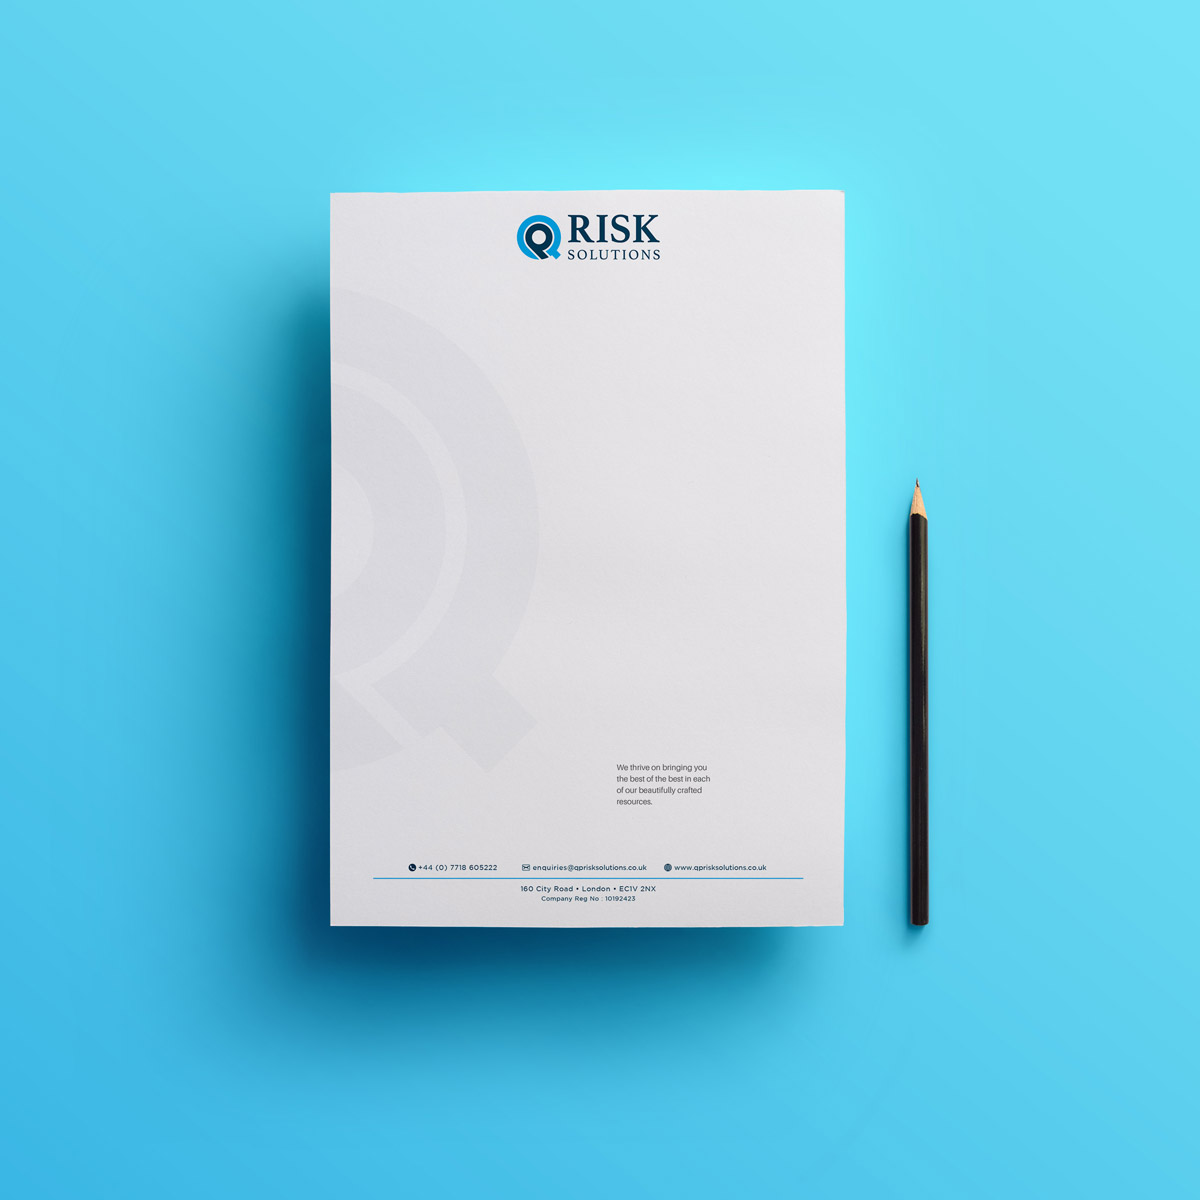 Promoworx - QP Risk Solutions Letterhead Design